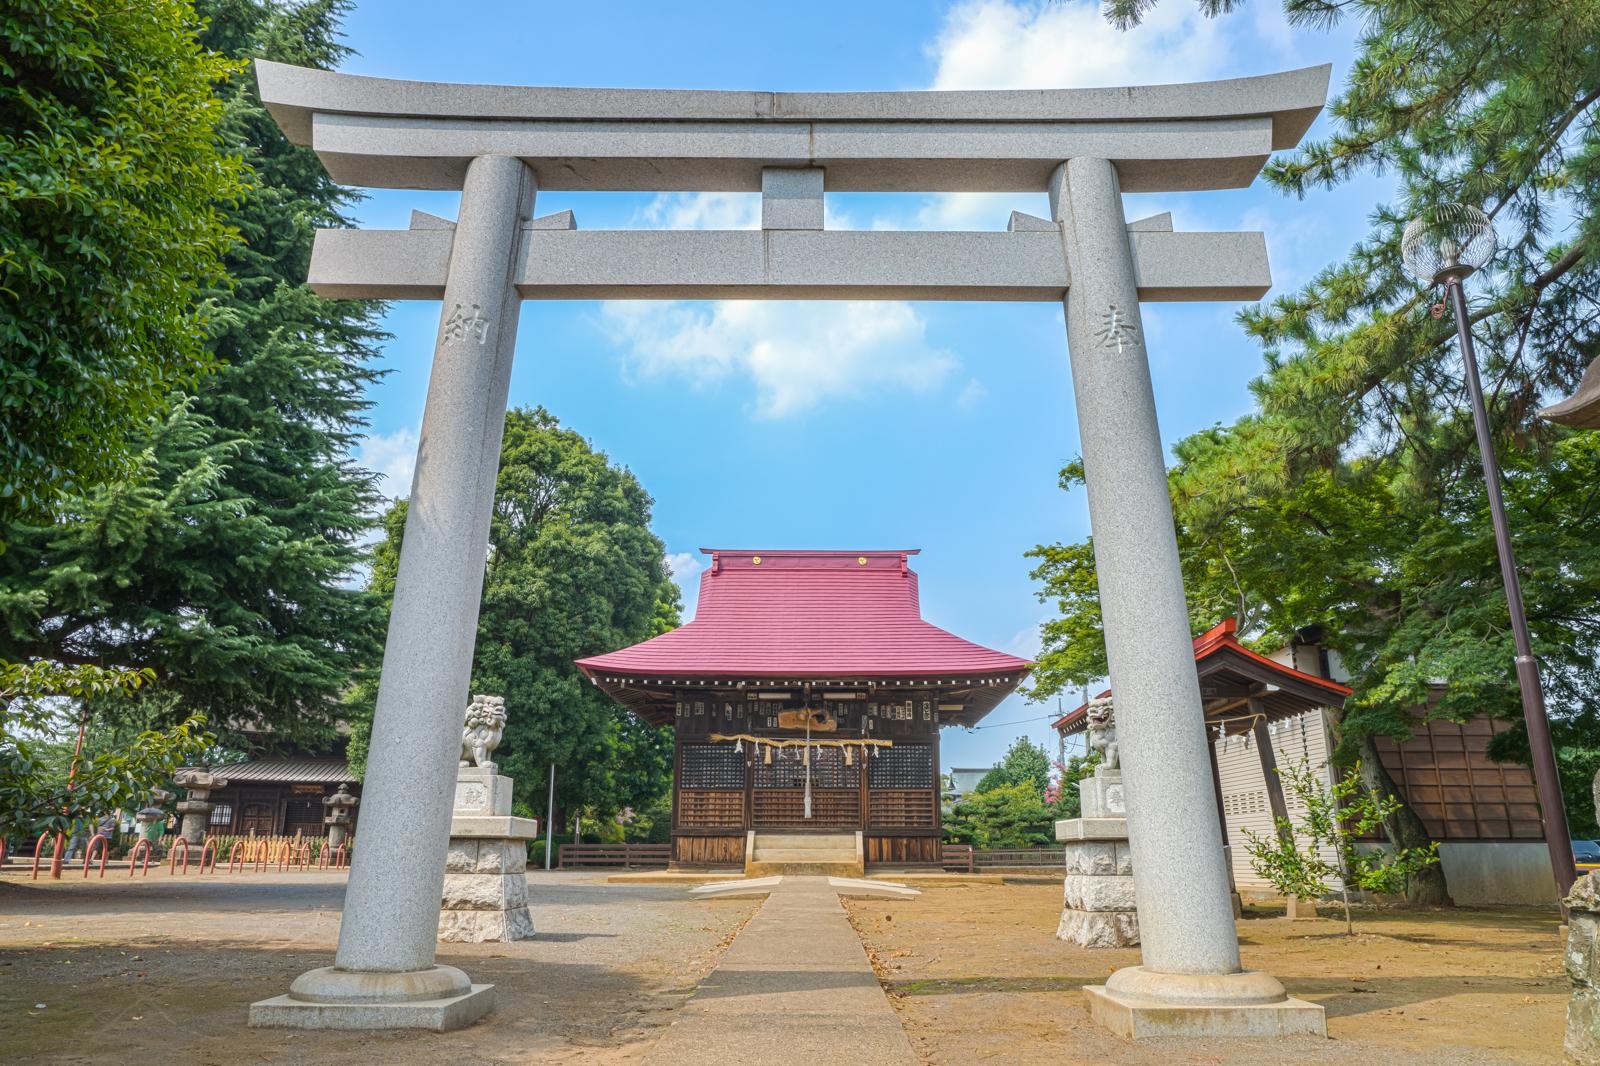 東村山市にある八坂神社の鳥居の写真